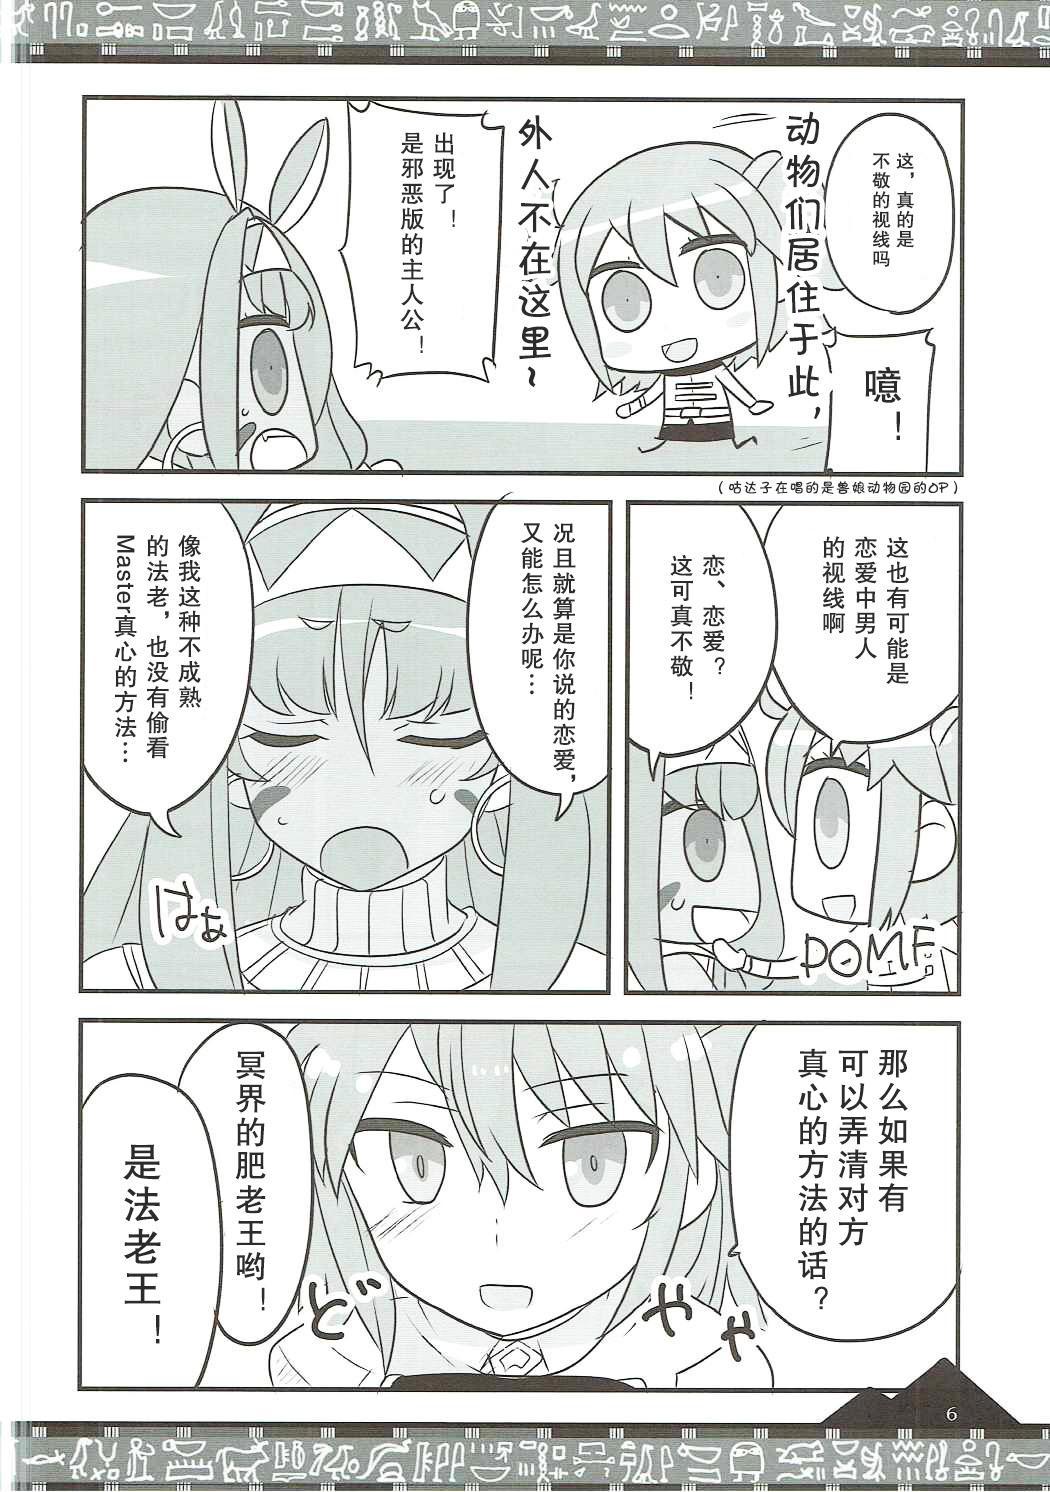 Osuki ni Demasei! | 如君所愿DE MA SEI! 5